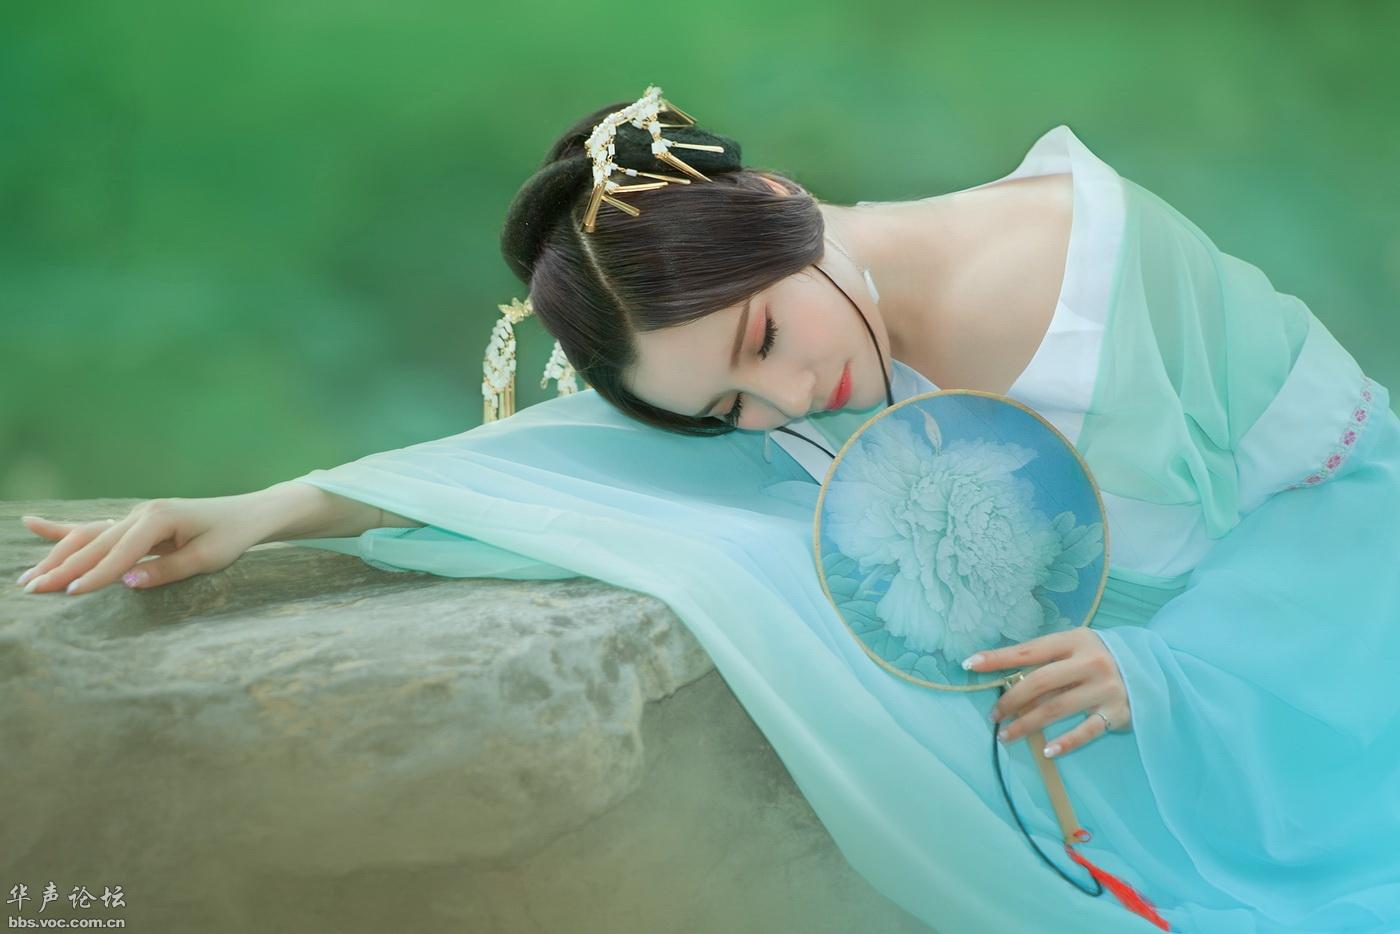 挥墨染尘,梦枕相思饮离殇【情感美文】  -  水墨凝烟 - 花仙子的博客 .